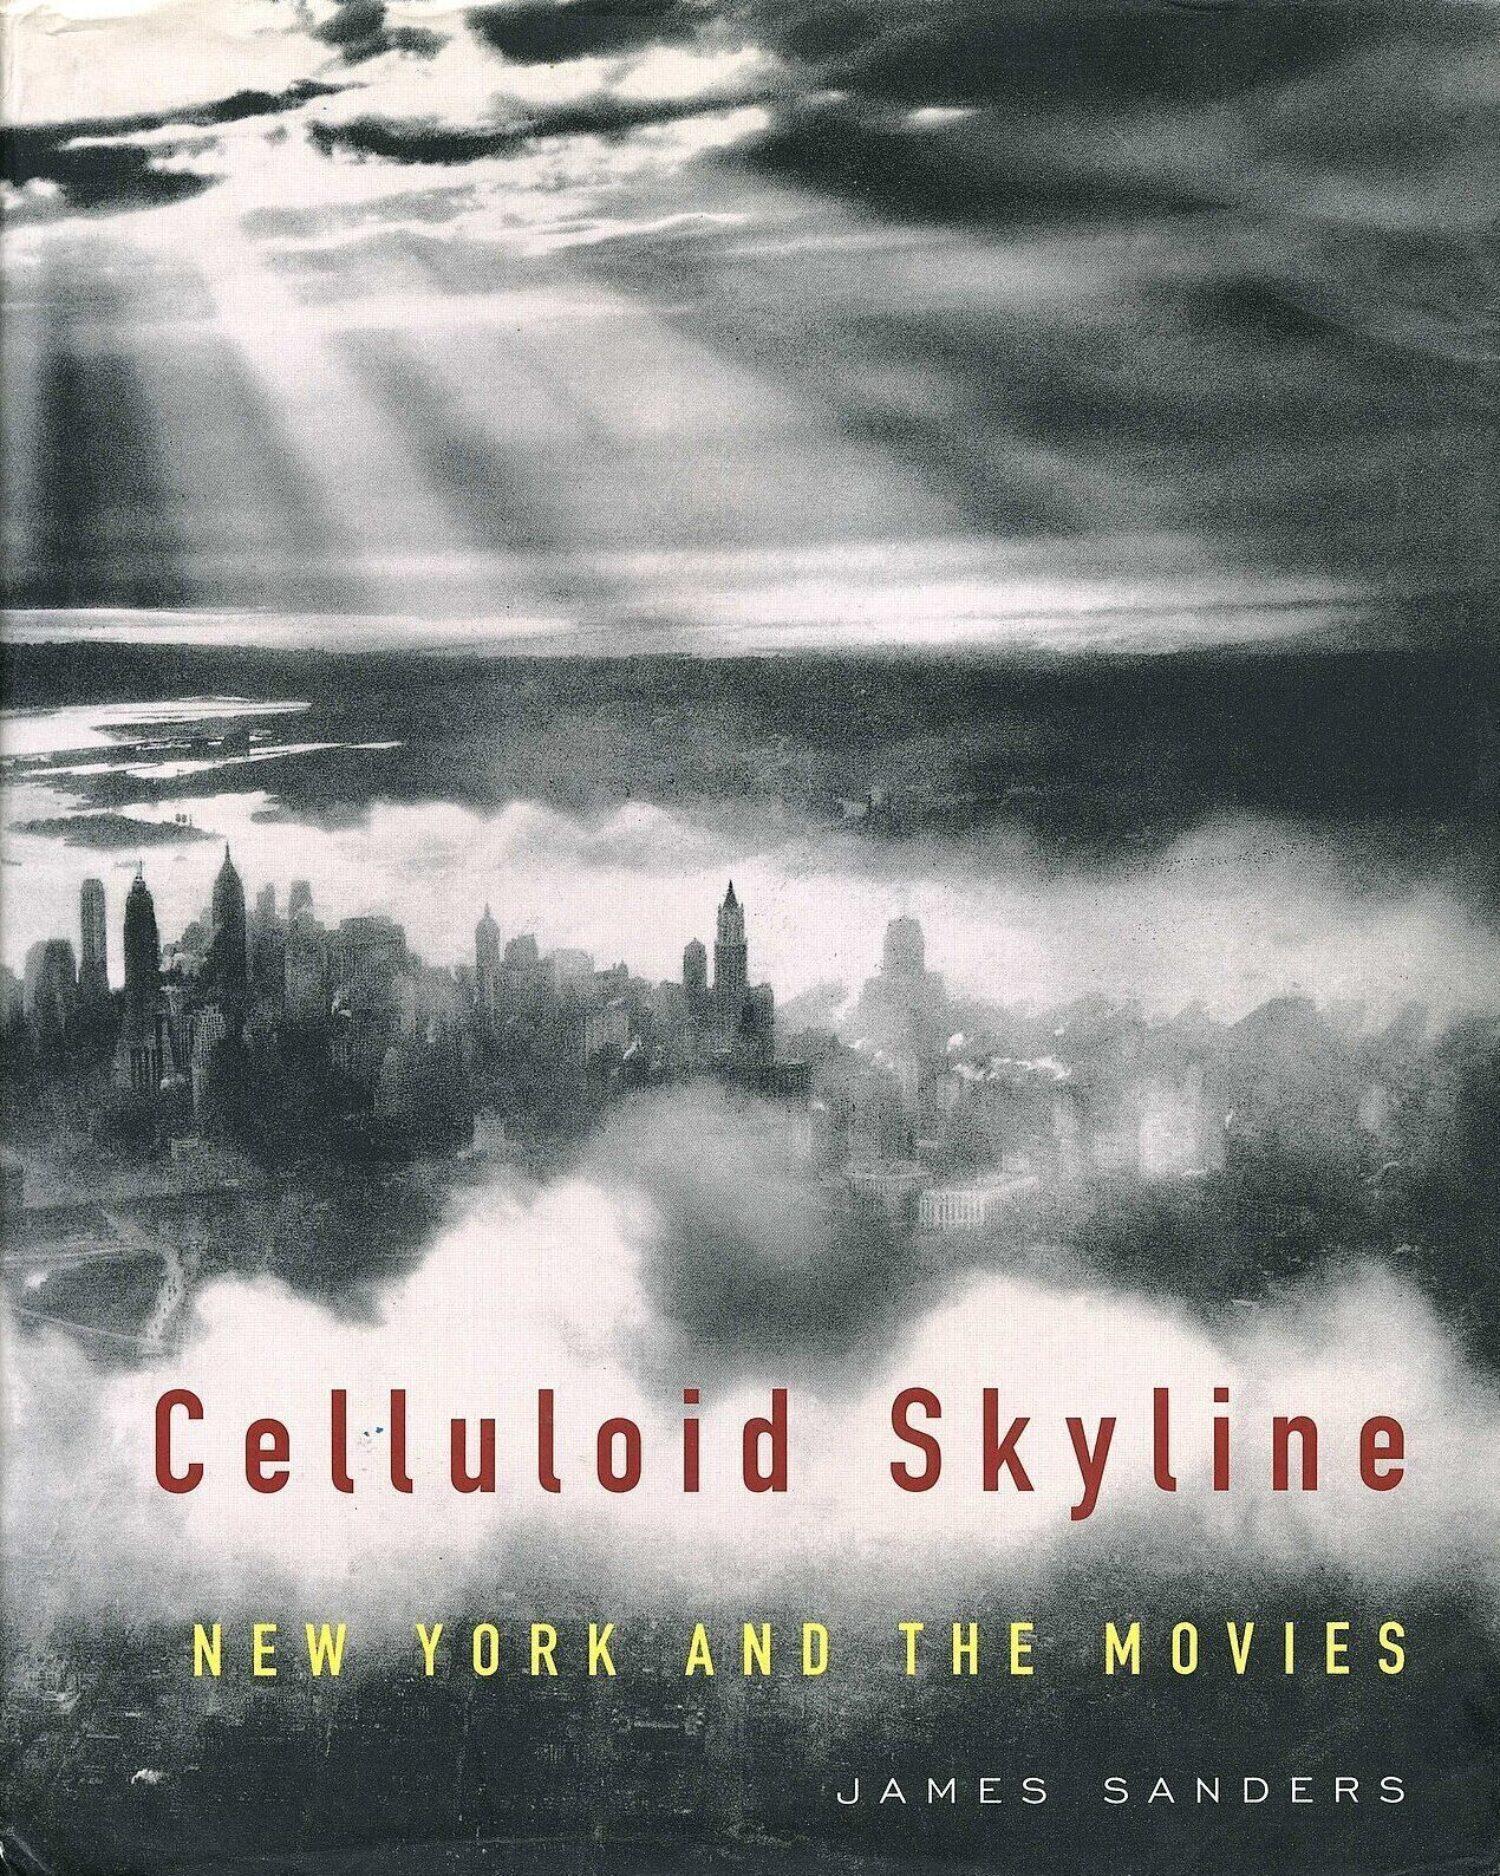 Celluloid Skyline cover 001